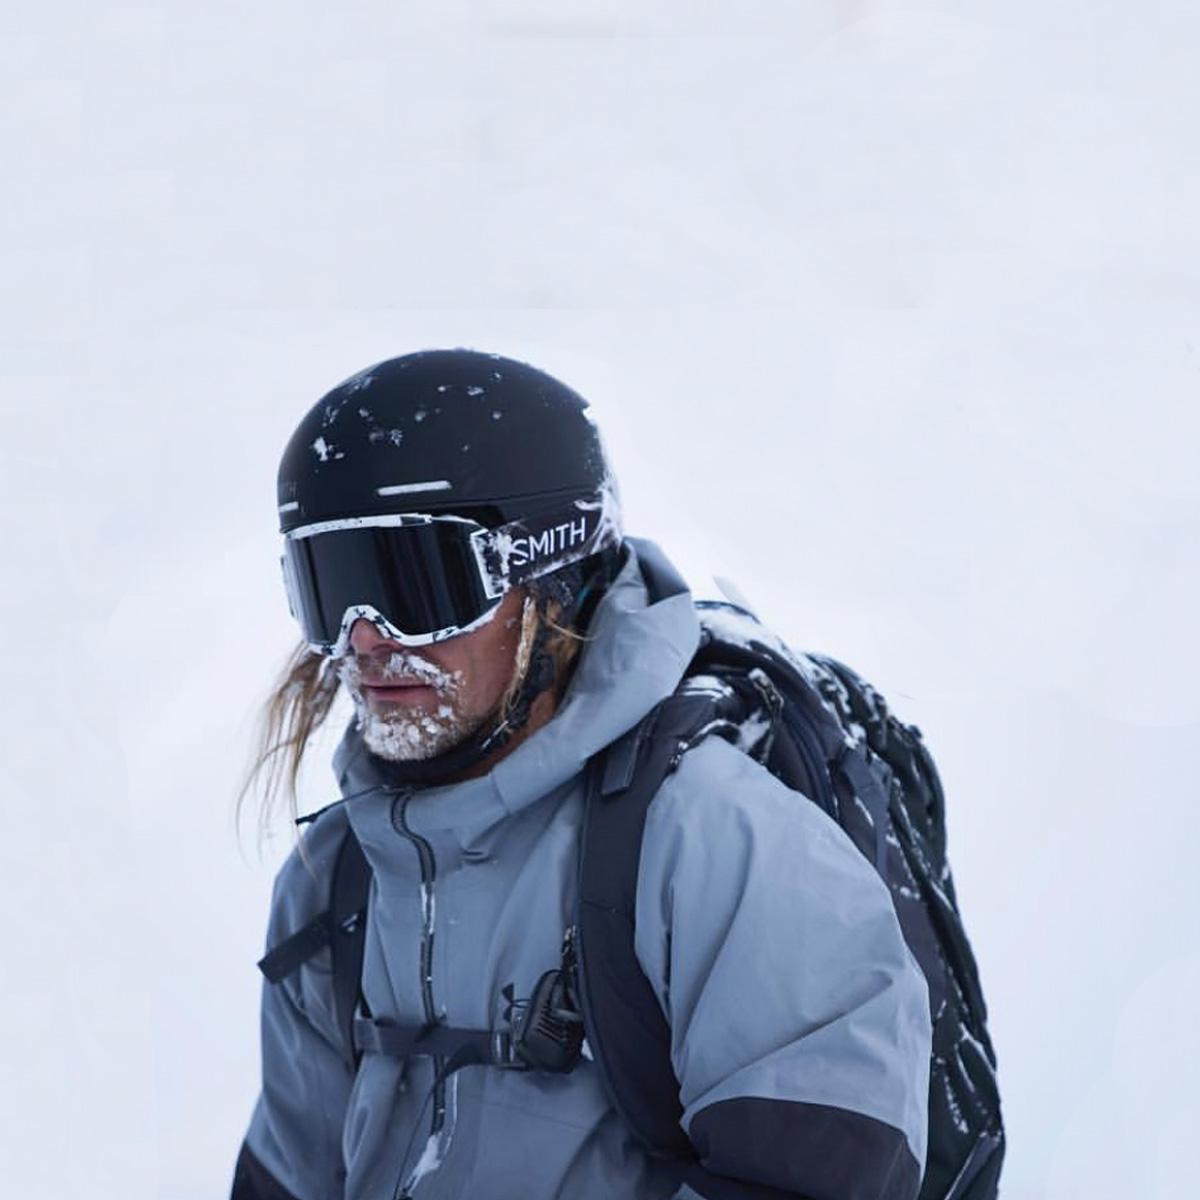 スノーボードヘルメットの選び方まとめ!人気モデルも紹介!